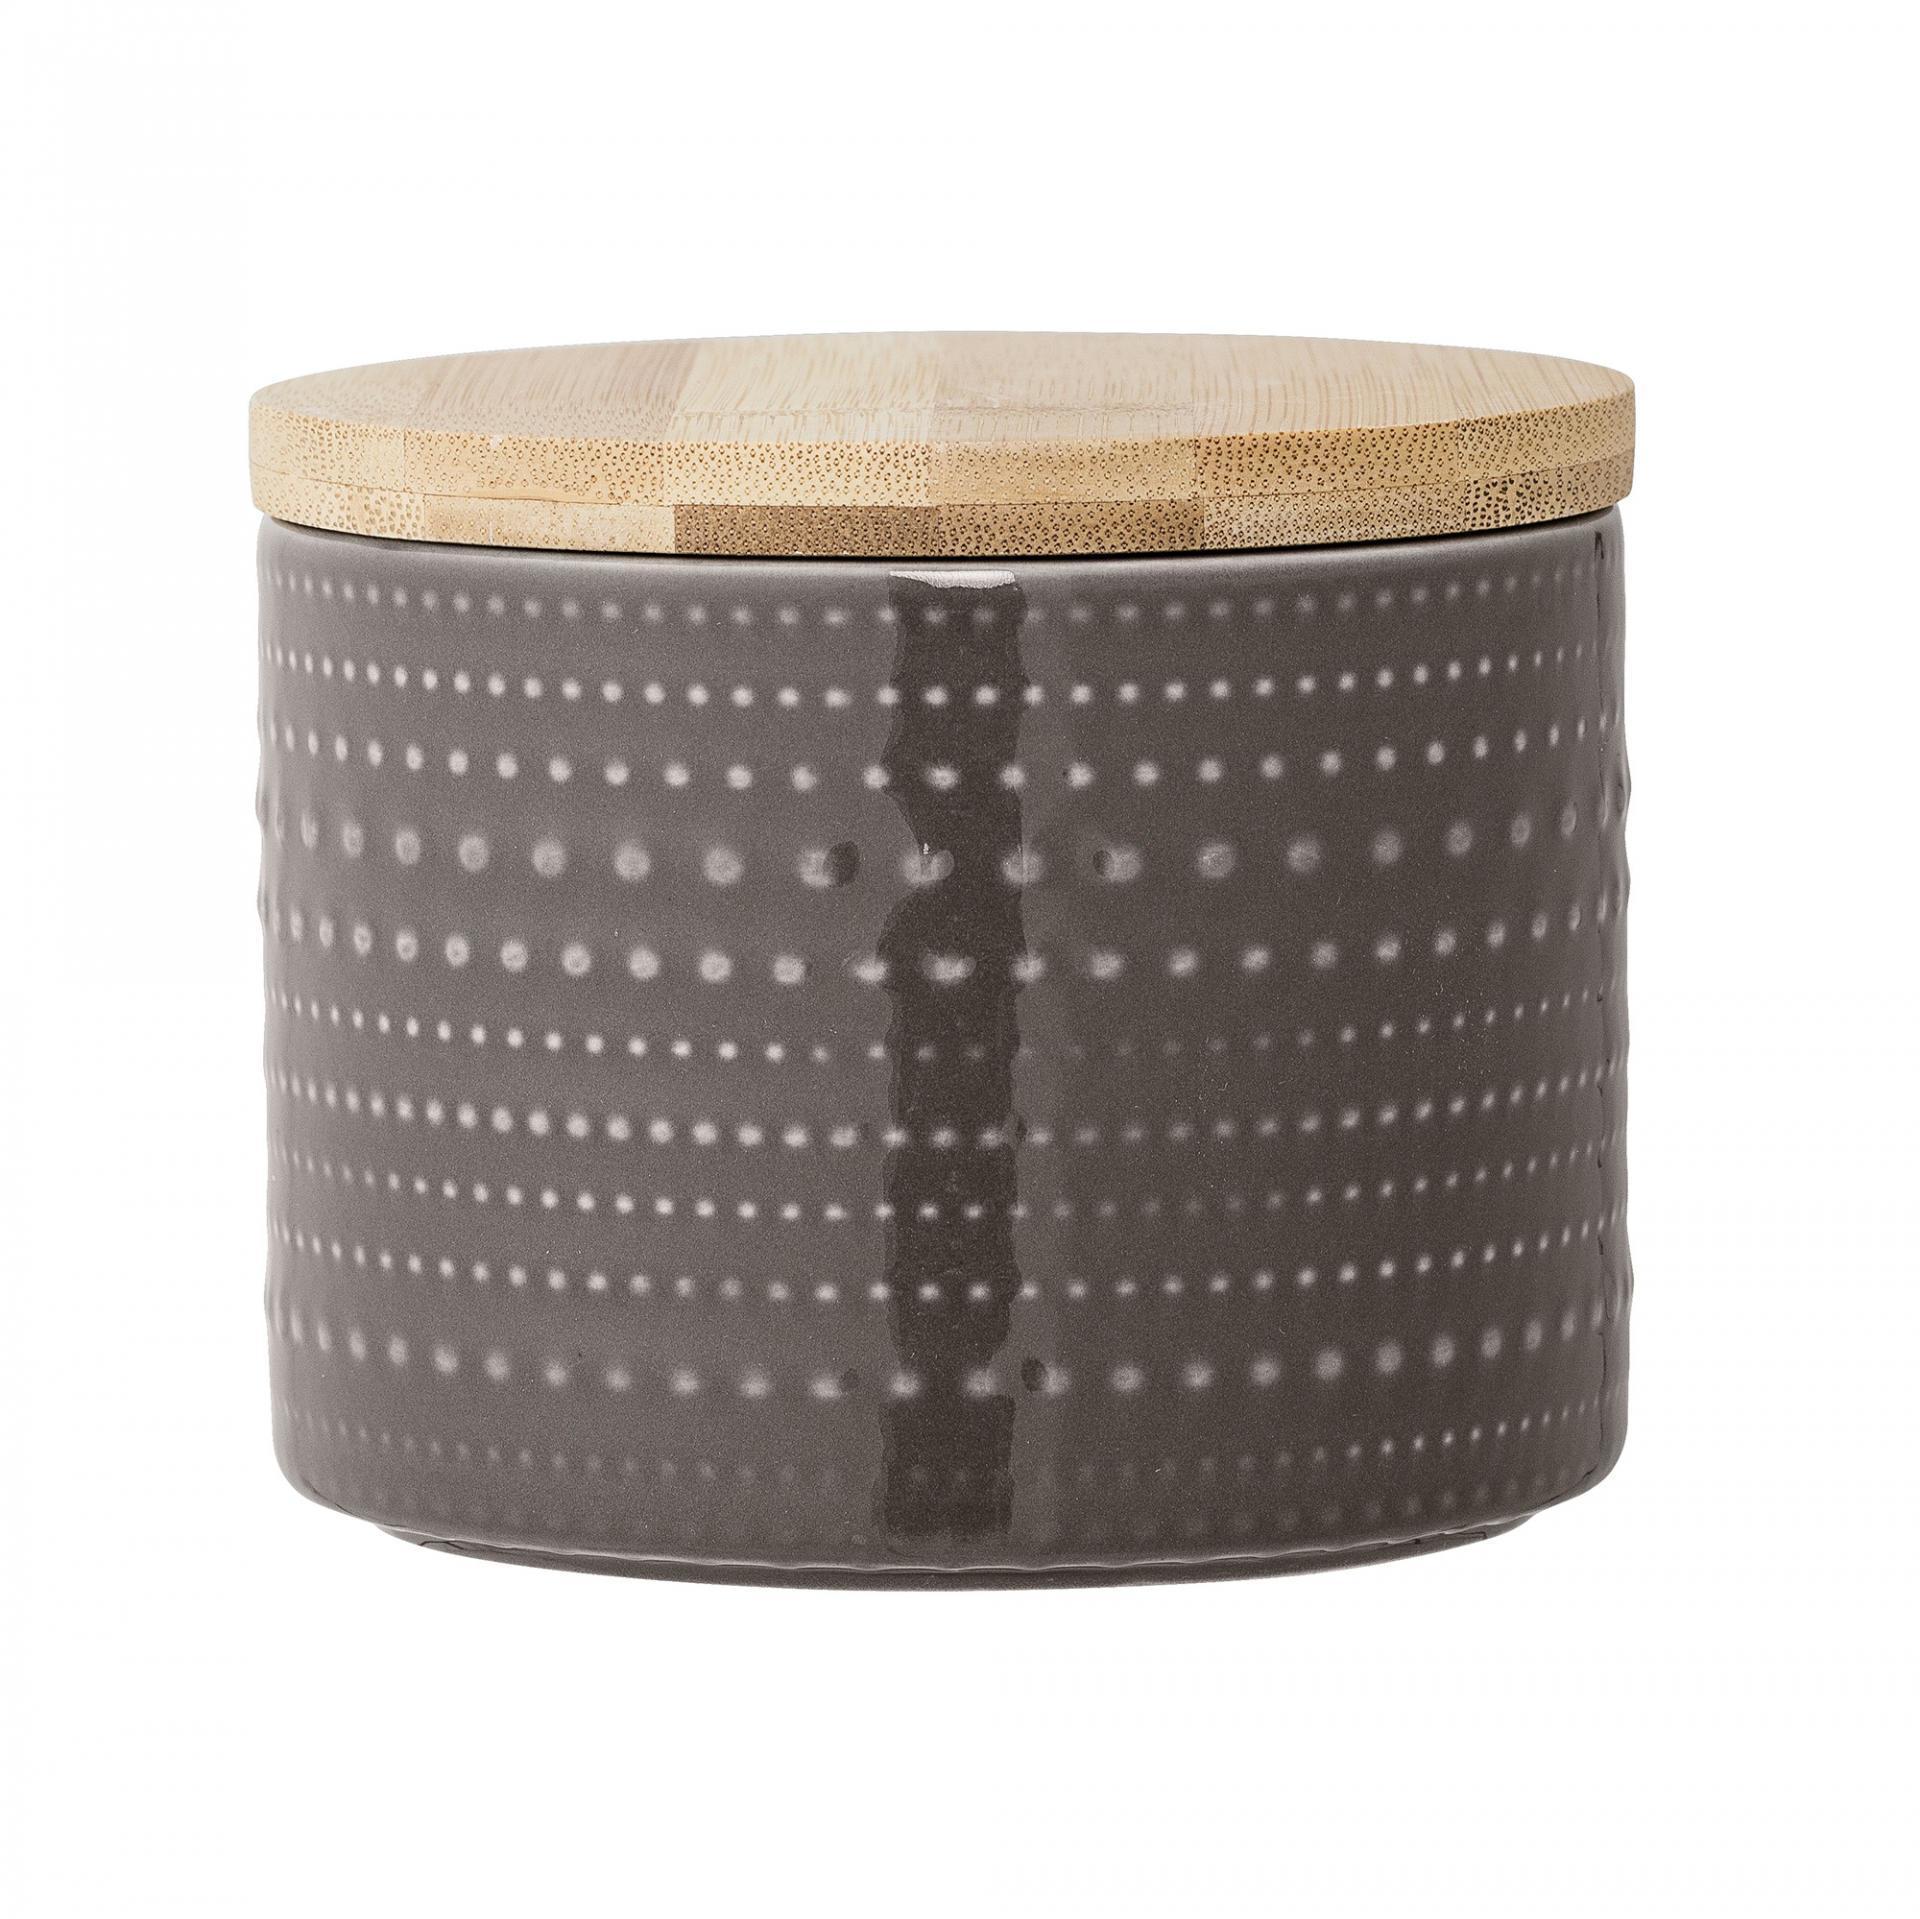 Bloomingville Porcelánová dóza Anna Brown - menší, hnědá barva, dřevo, porcelán